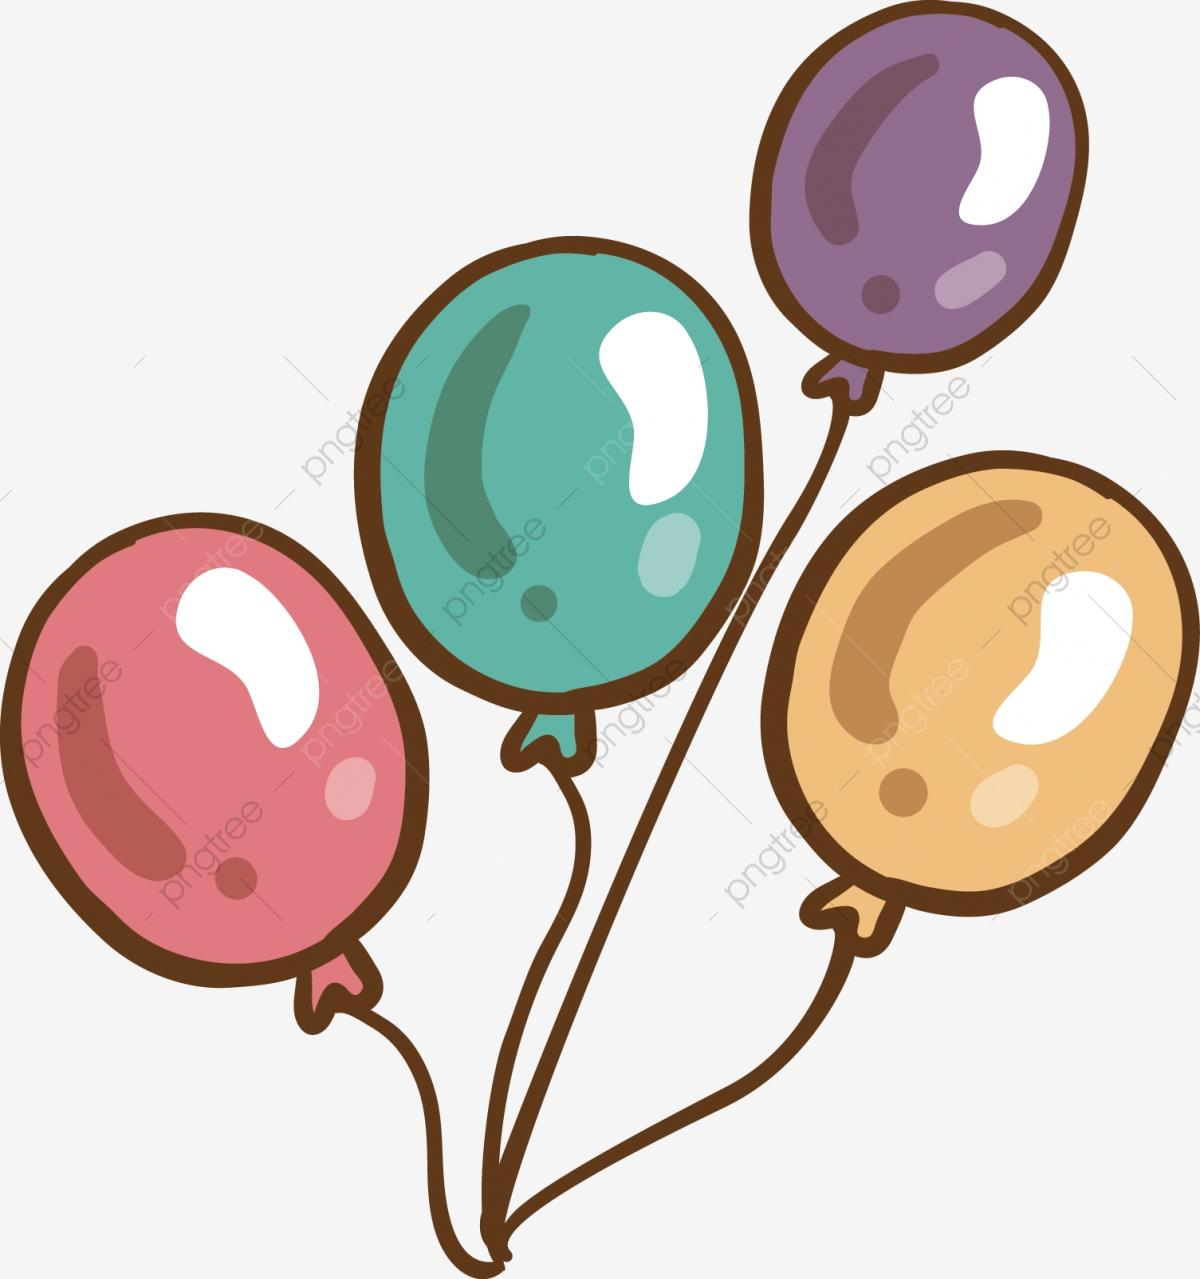 Colorful Balloons Cartoon Balloon Cute Balloon Yellow Balloon, Blue.